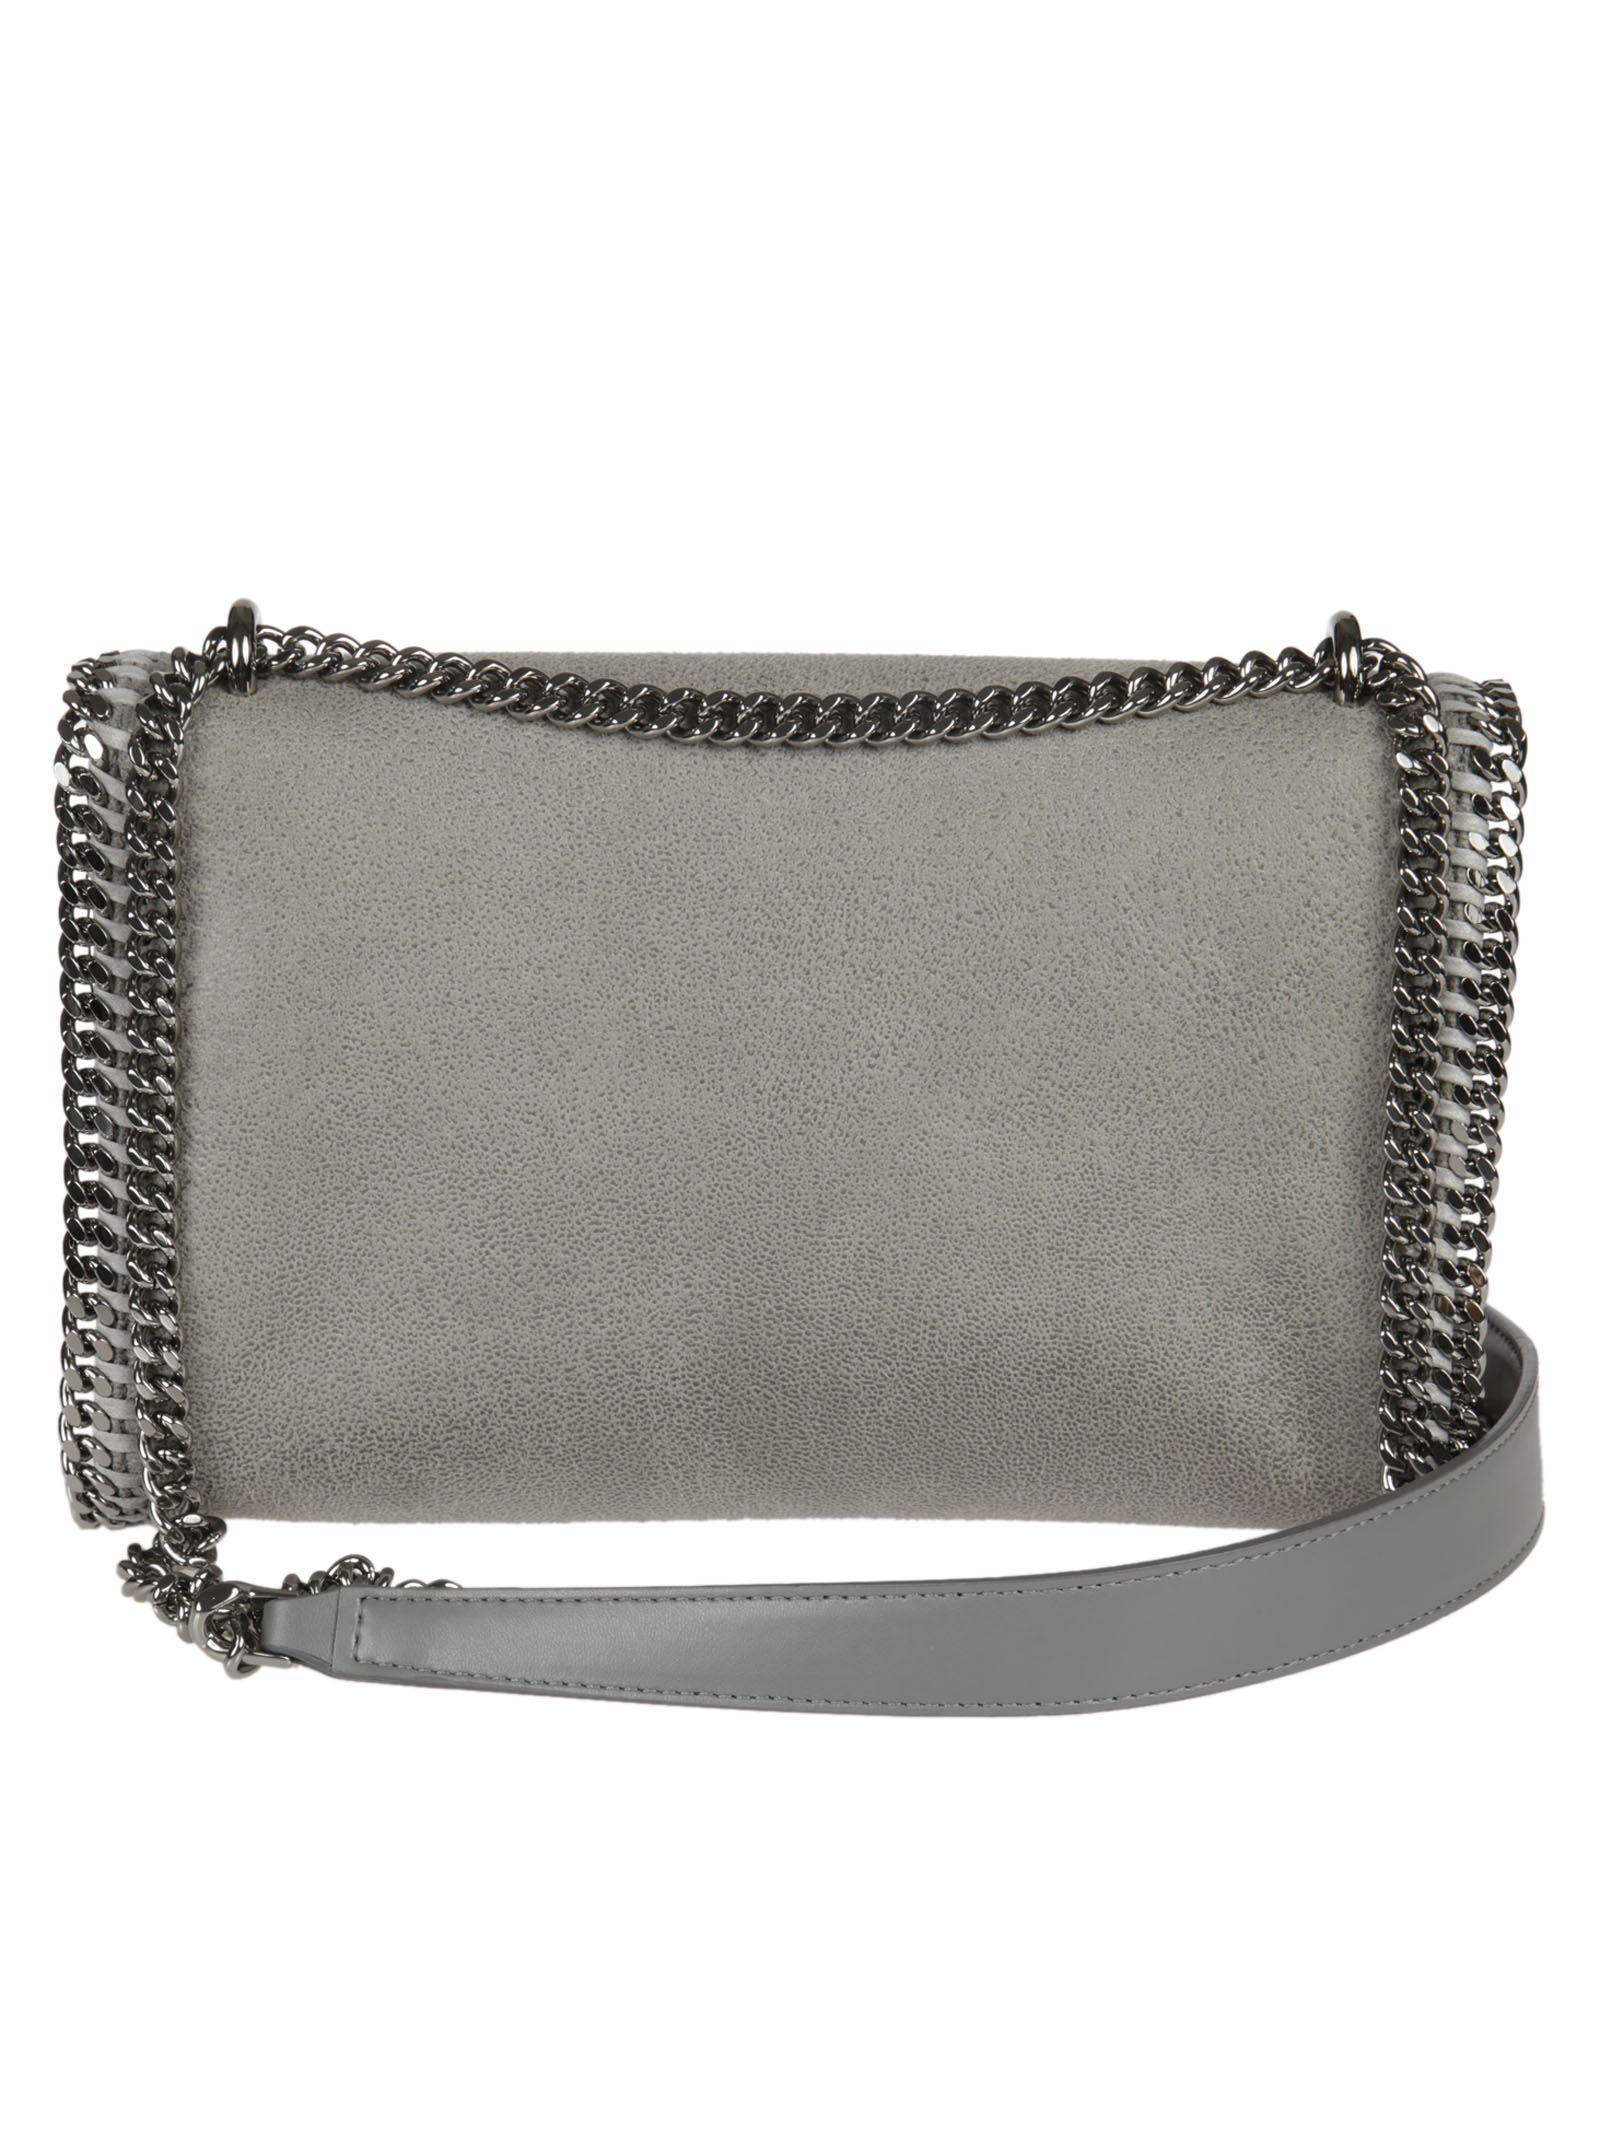 93a390c25620 Stella McCartney Stella McCartney Falabella Shoulder Bag - Gray ...